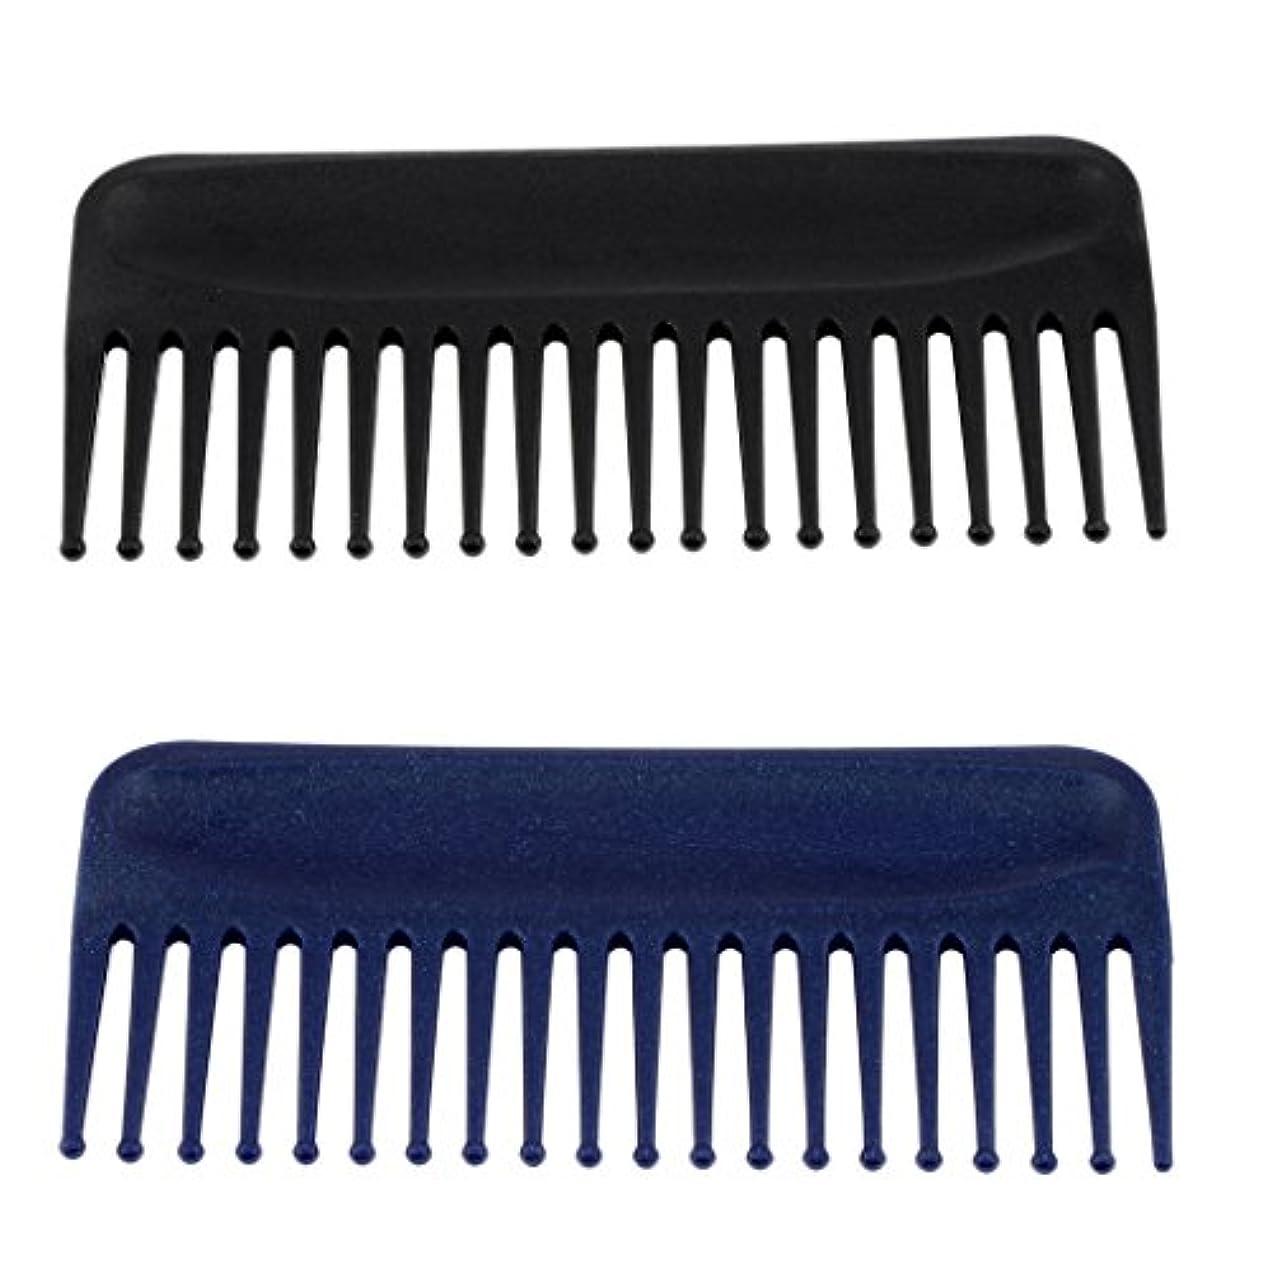 買う思いやりカトリック教徒ヘアコーム くし 櫛 ヘアブラシ 頭皮マッサージ 静電気防止 美髪ケア 快適 プラスチック製 2個